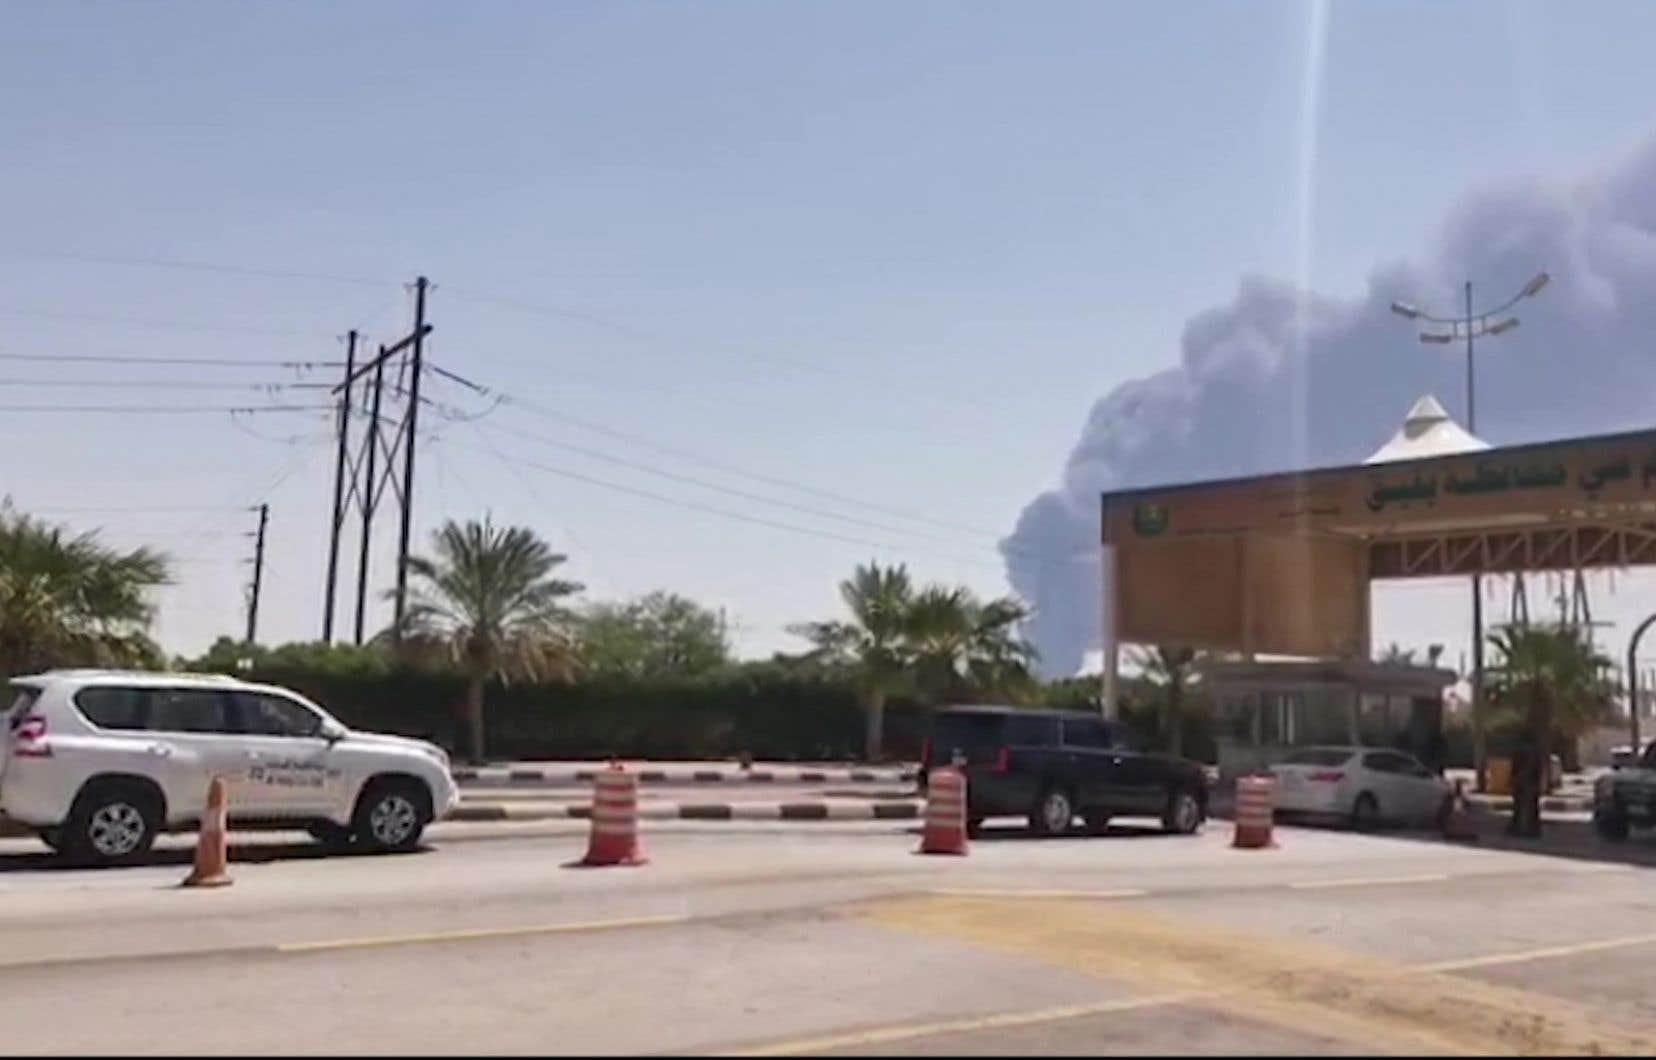 Les équipes de sécurité d'Aramco sont intervenues pour éteindre des incendies à Abqaiq (sur la photo) et Khurais, et «les deux incendies ont été maîtrisés», selon le ministère de l'Intérieur.